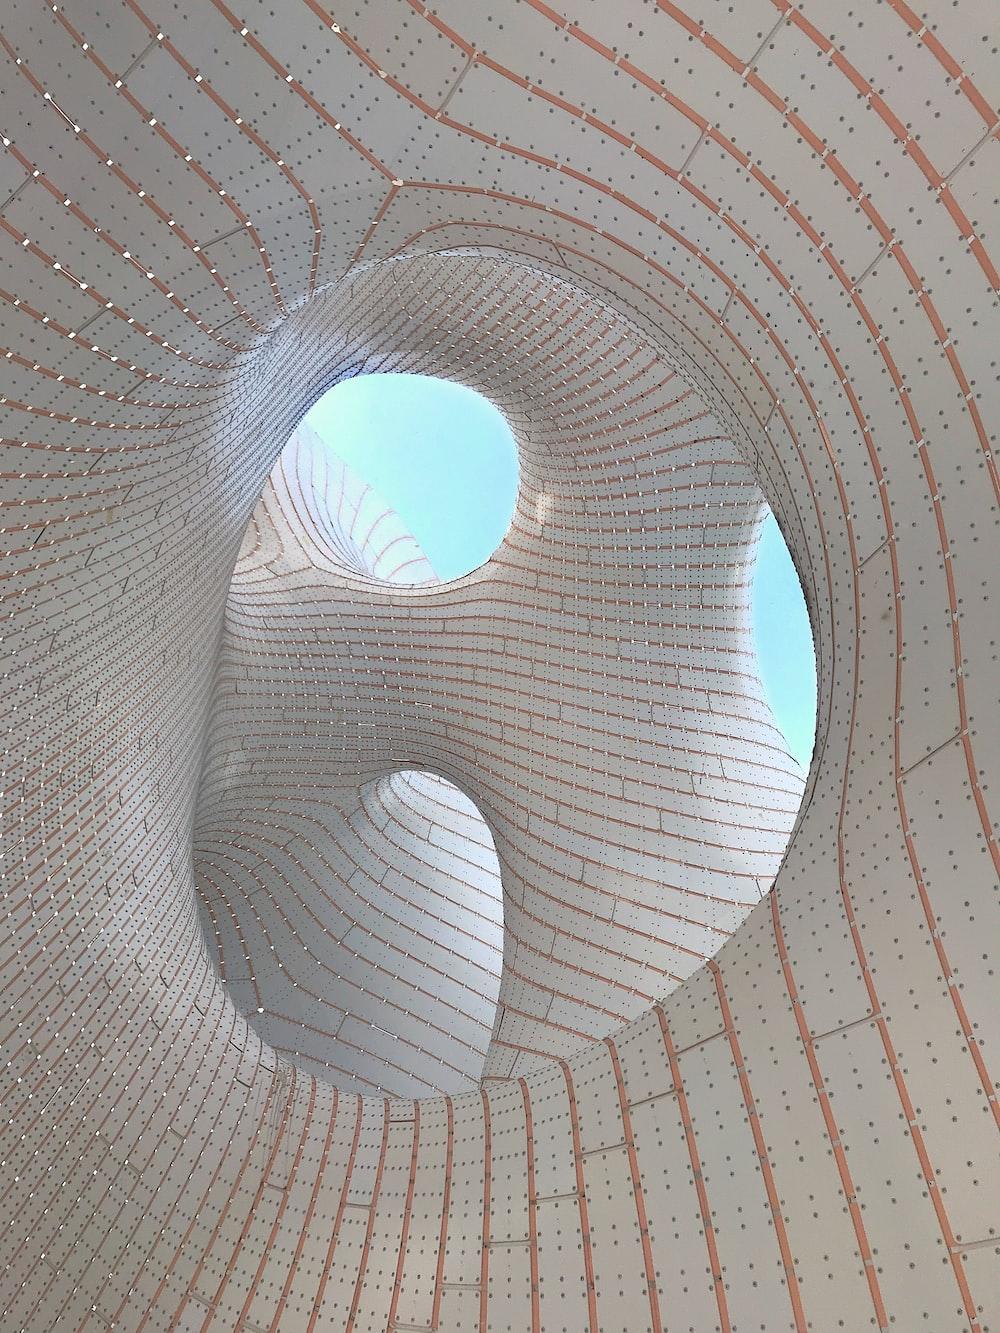 beige and orange spiral structure